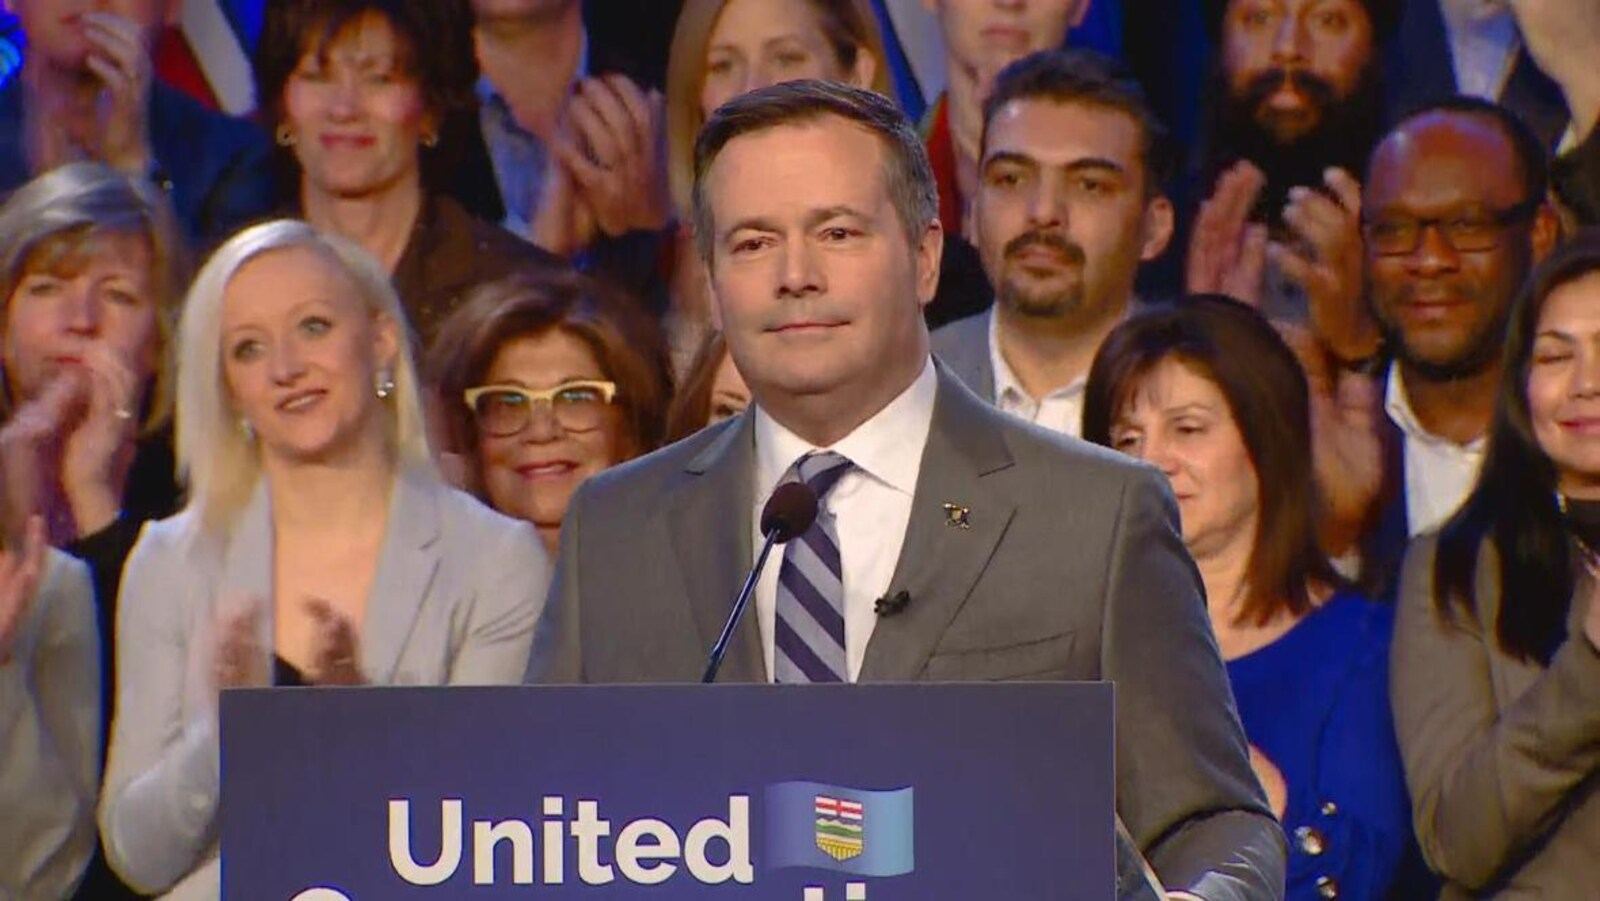 Avec de nombreux supporteurs derrière lui, Jason Kenney qui porte un costume-cravate se tient devant un podium.